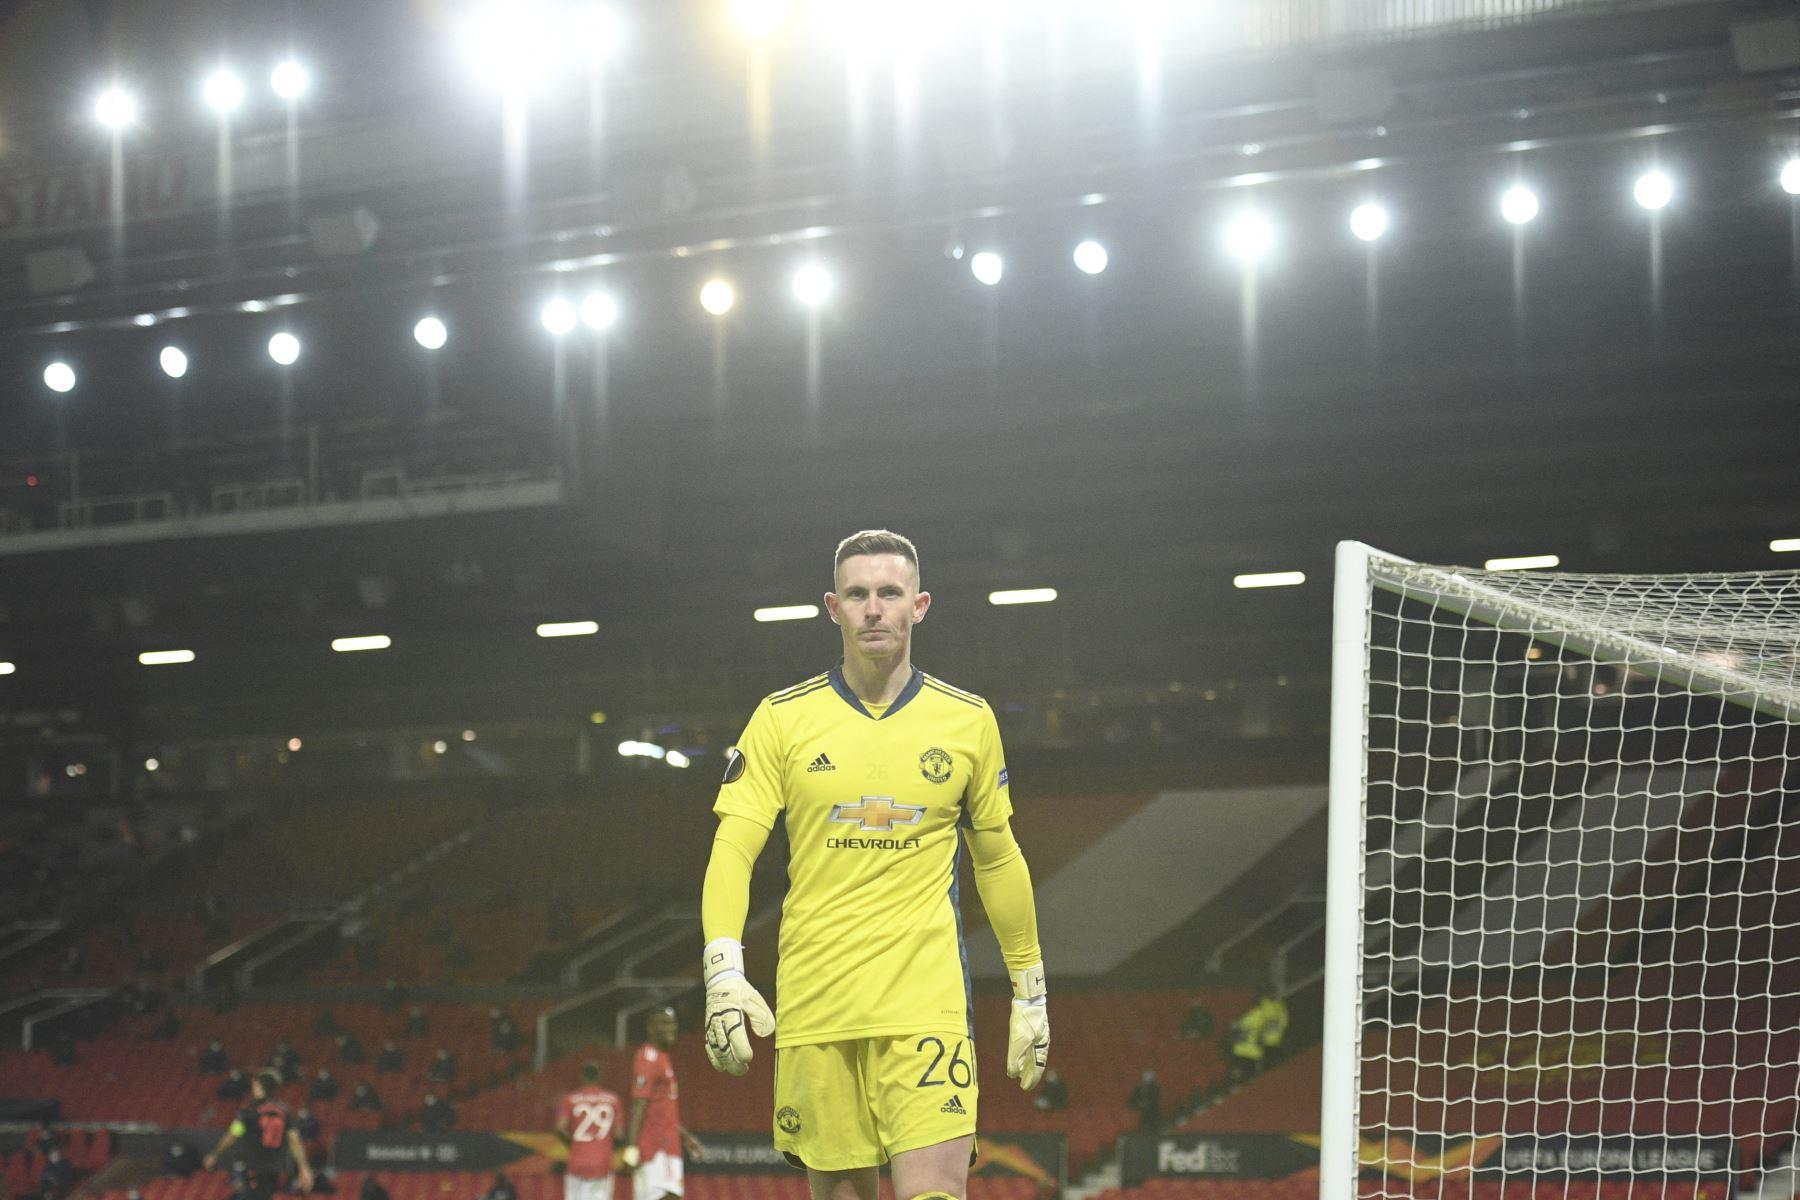 El portero inglés del Manchester United Dean Henderson recupera el balón durante la ronda de dieciseisavos de final de la UEFA Europa League. Foto: AFP